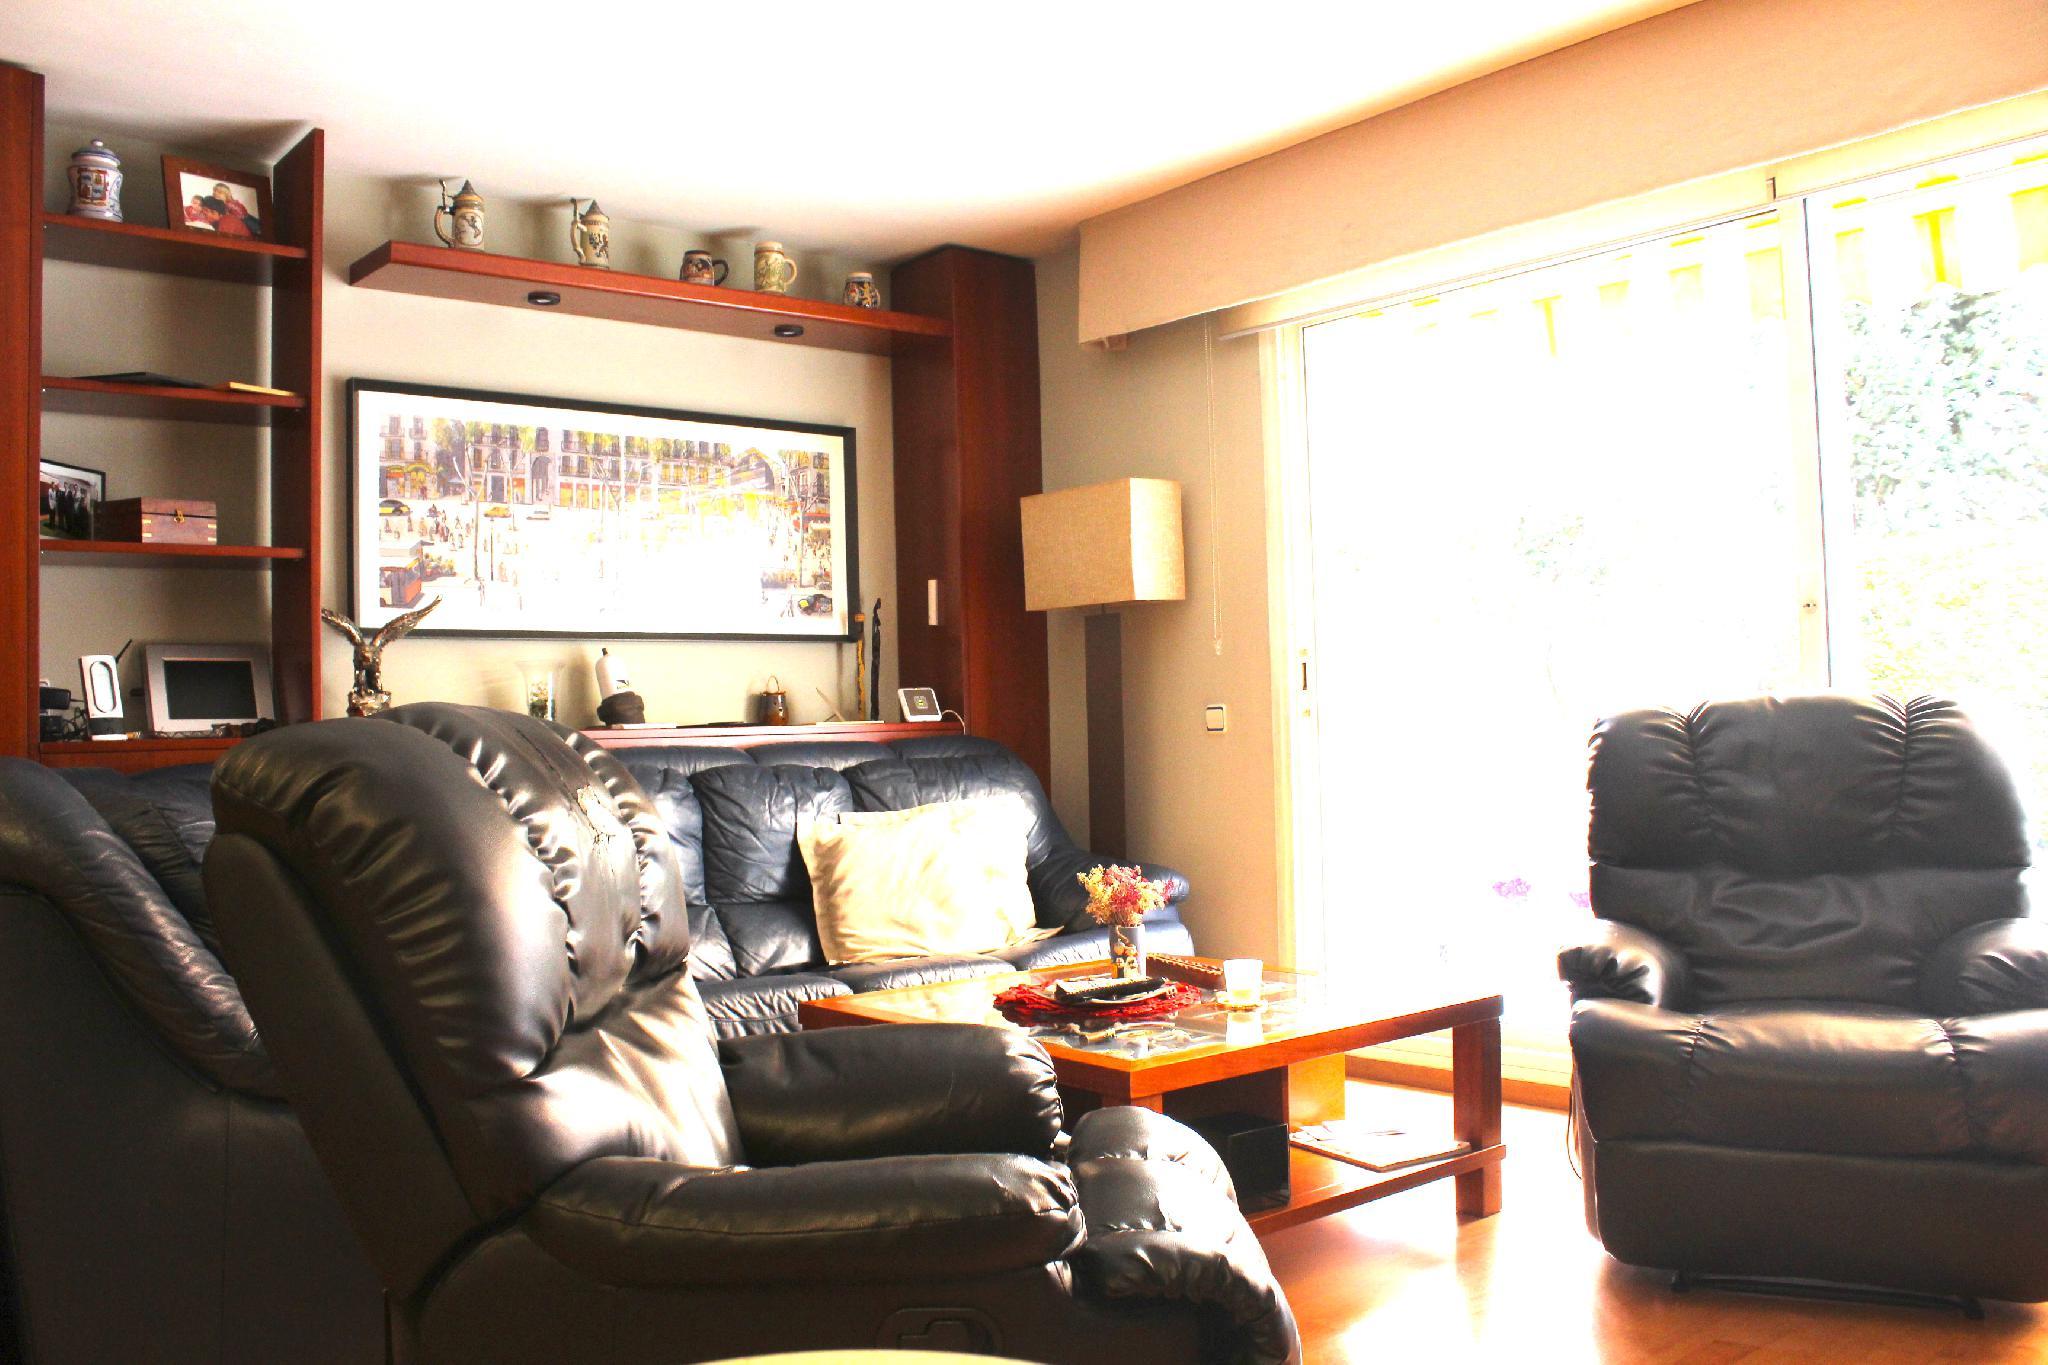 220116 - Zona residencial con fácil acceso a las autopistas.